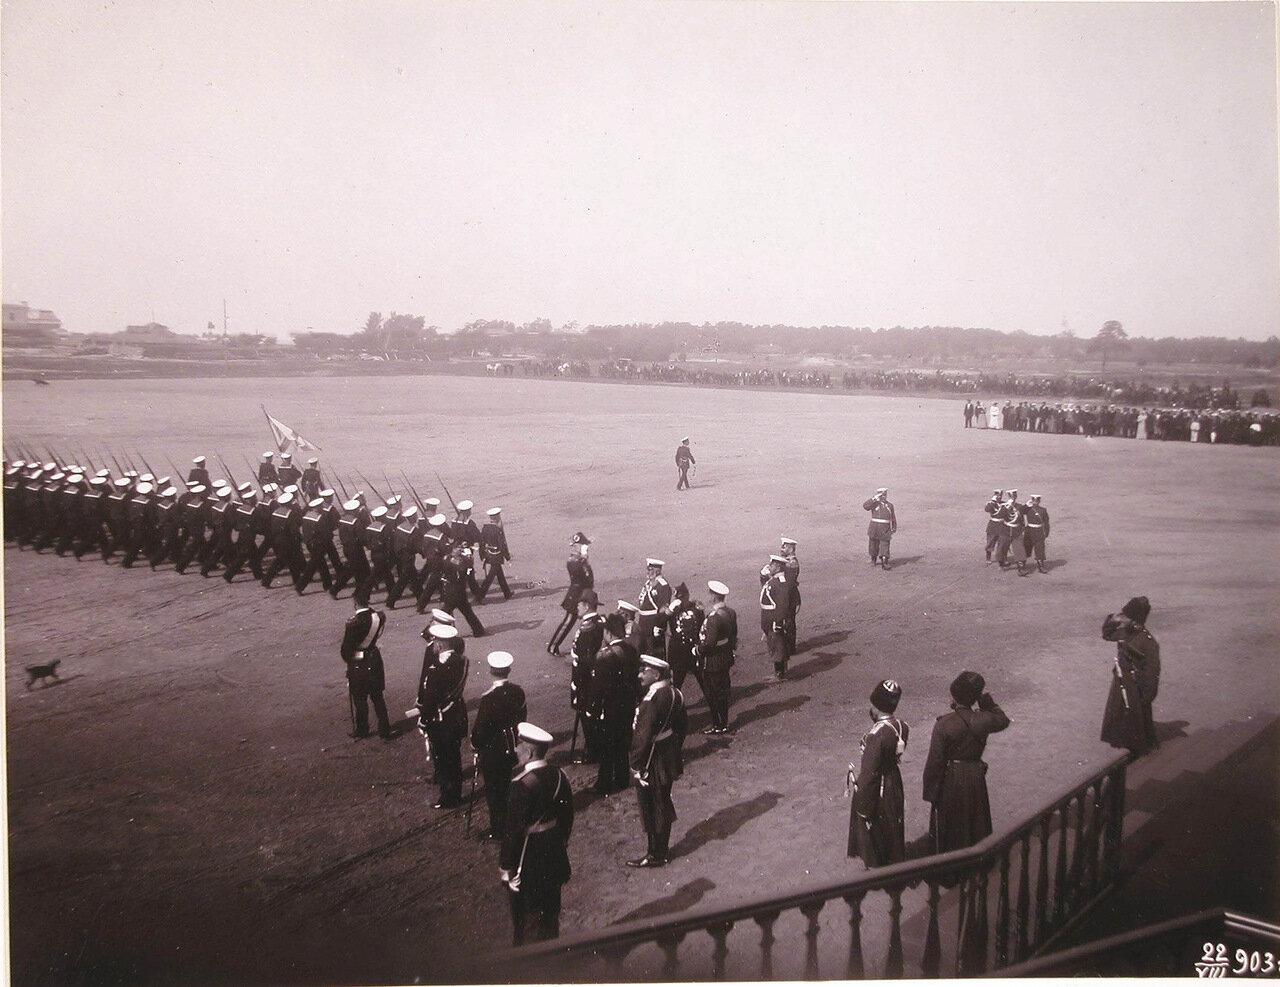 Морской сводный батальон, участвующий в параде войск во время освящения Морского собора, проходит церемониальным маршем перед императором Николаем II и сопровождающими его военными чинами